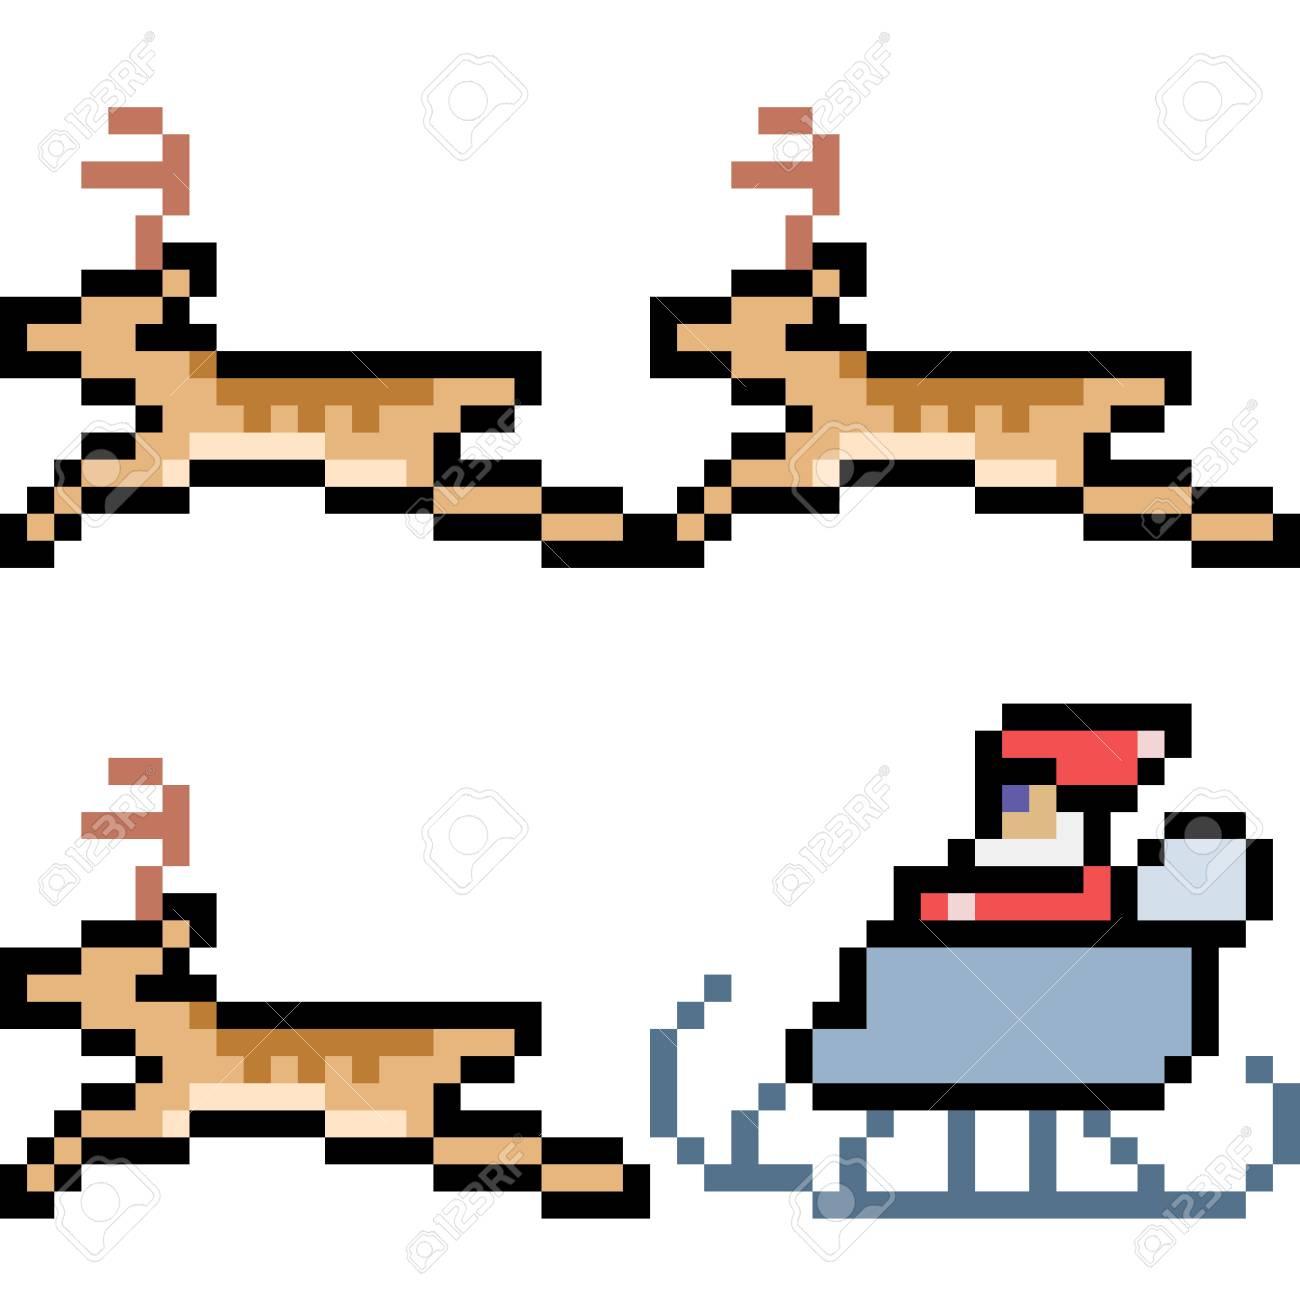 Pixel Art Illustration Du Père Noël Avec Des Rennes. destiné Pixel Art Pere Noel